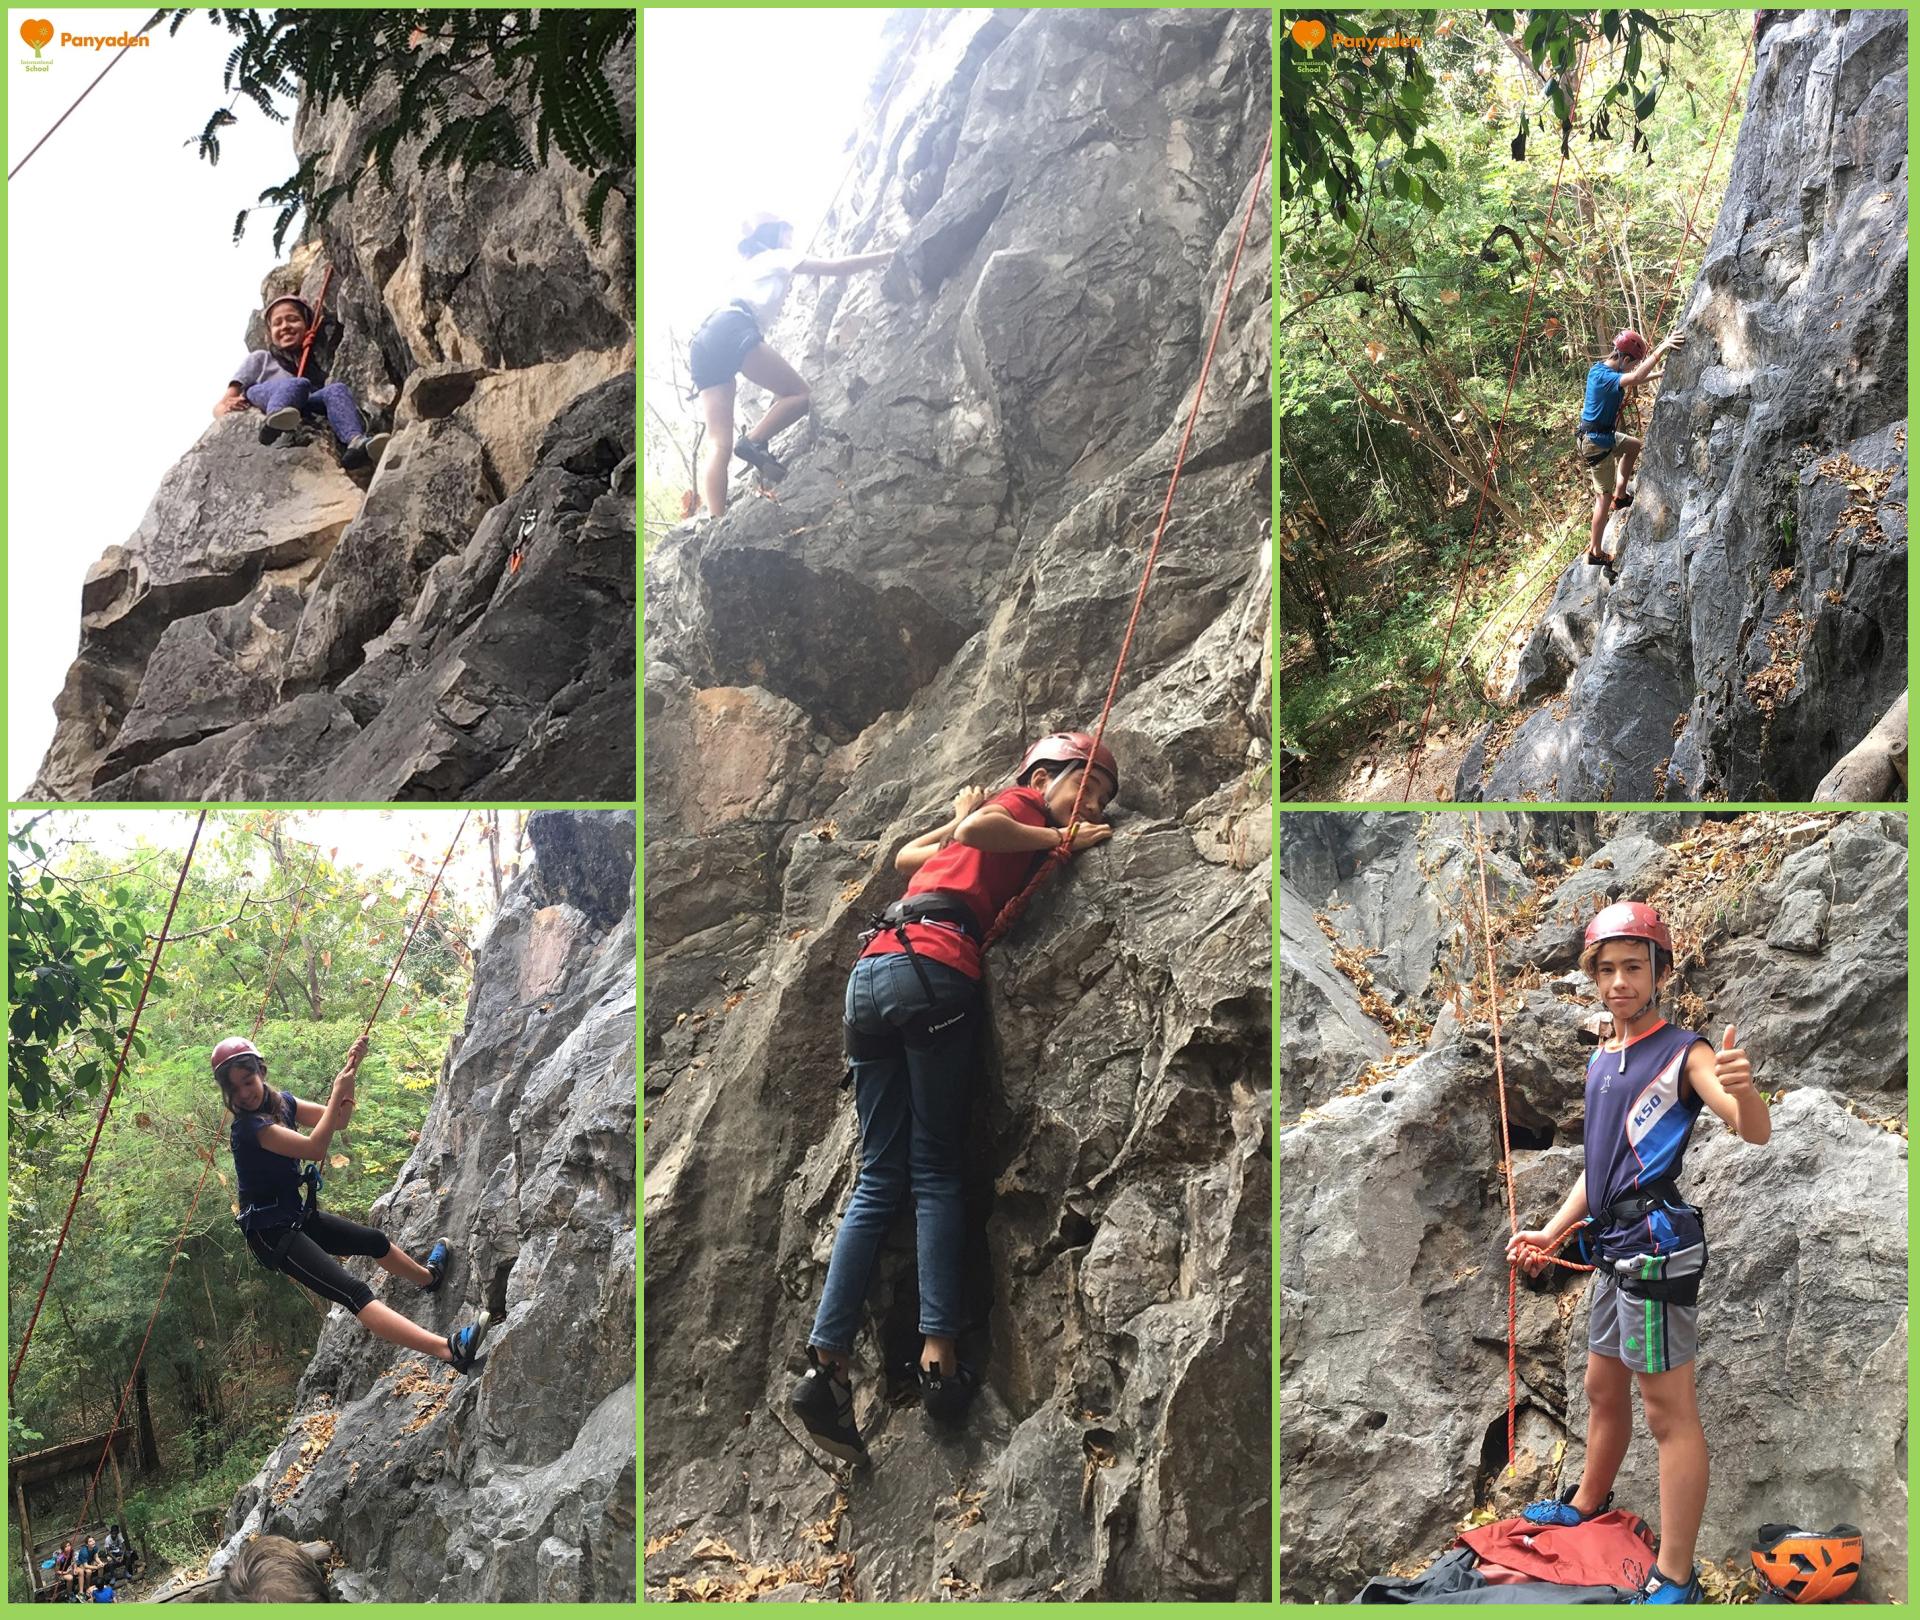 Panyaden Year 7 (Y7) students rock climbing